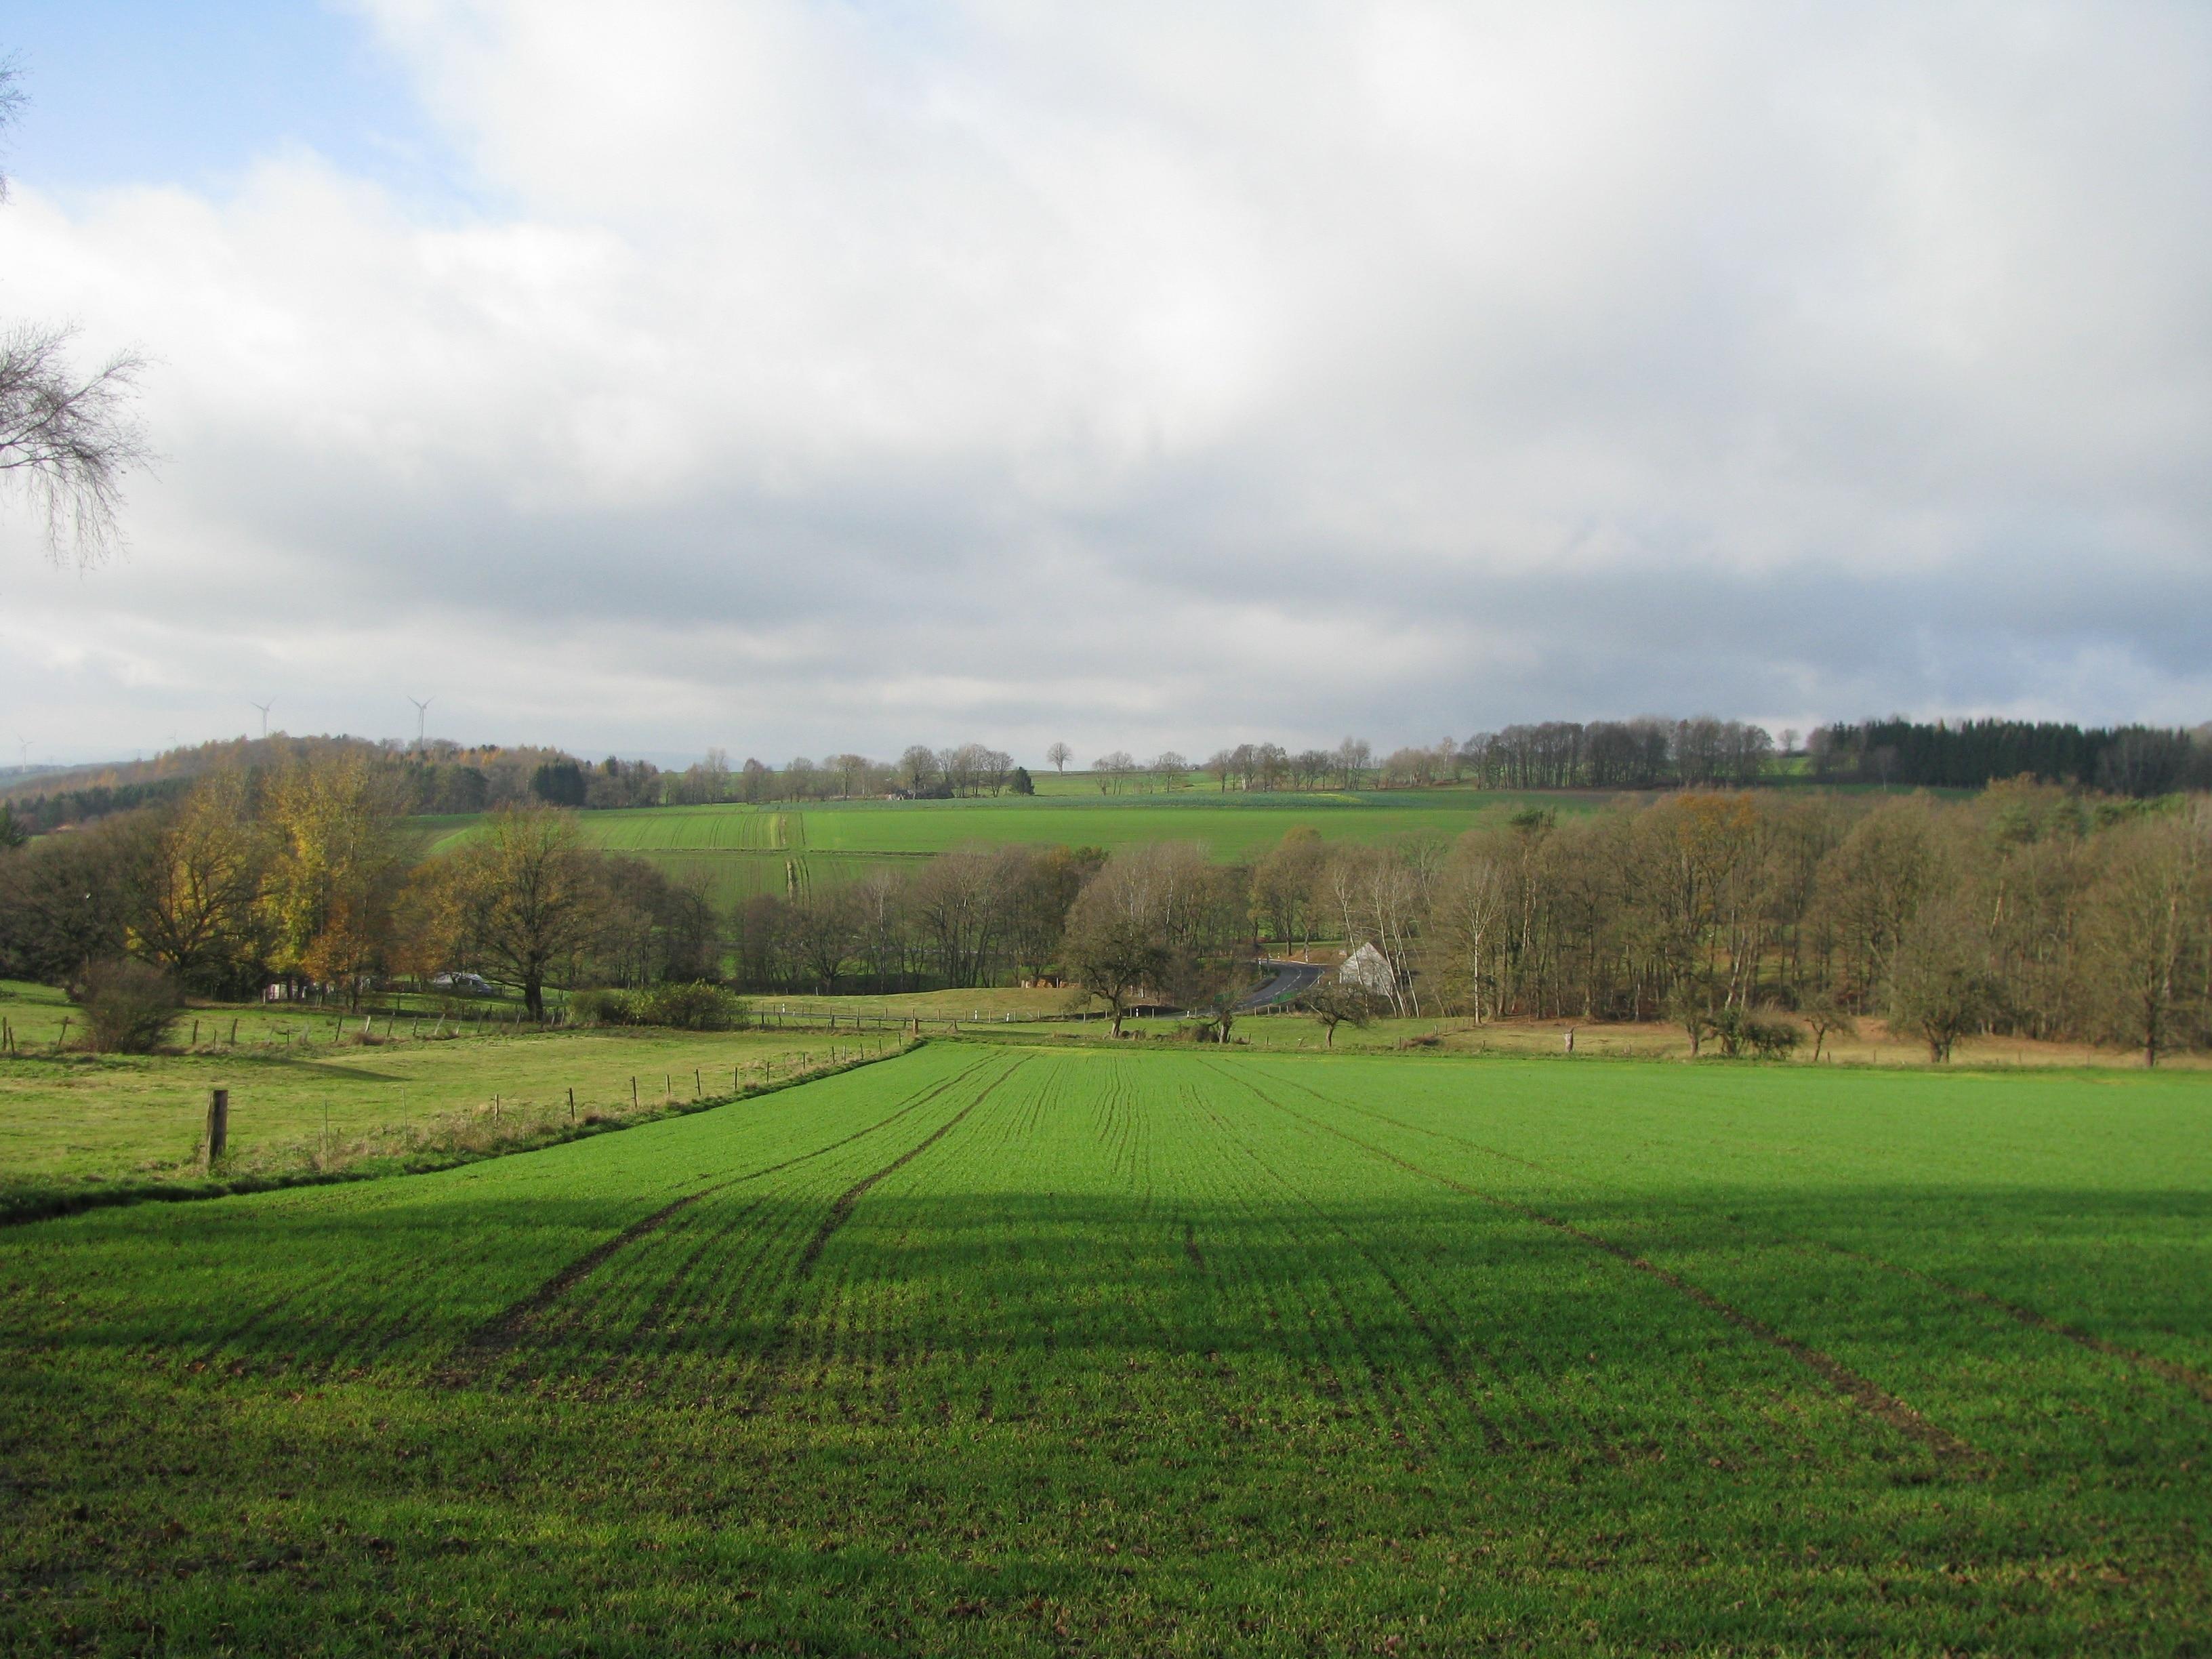 Staufenberg (Lower Saxony), Lower Saxony, Germany